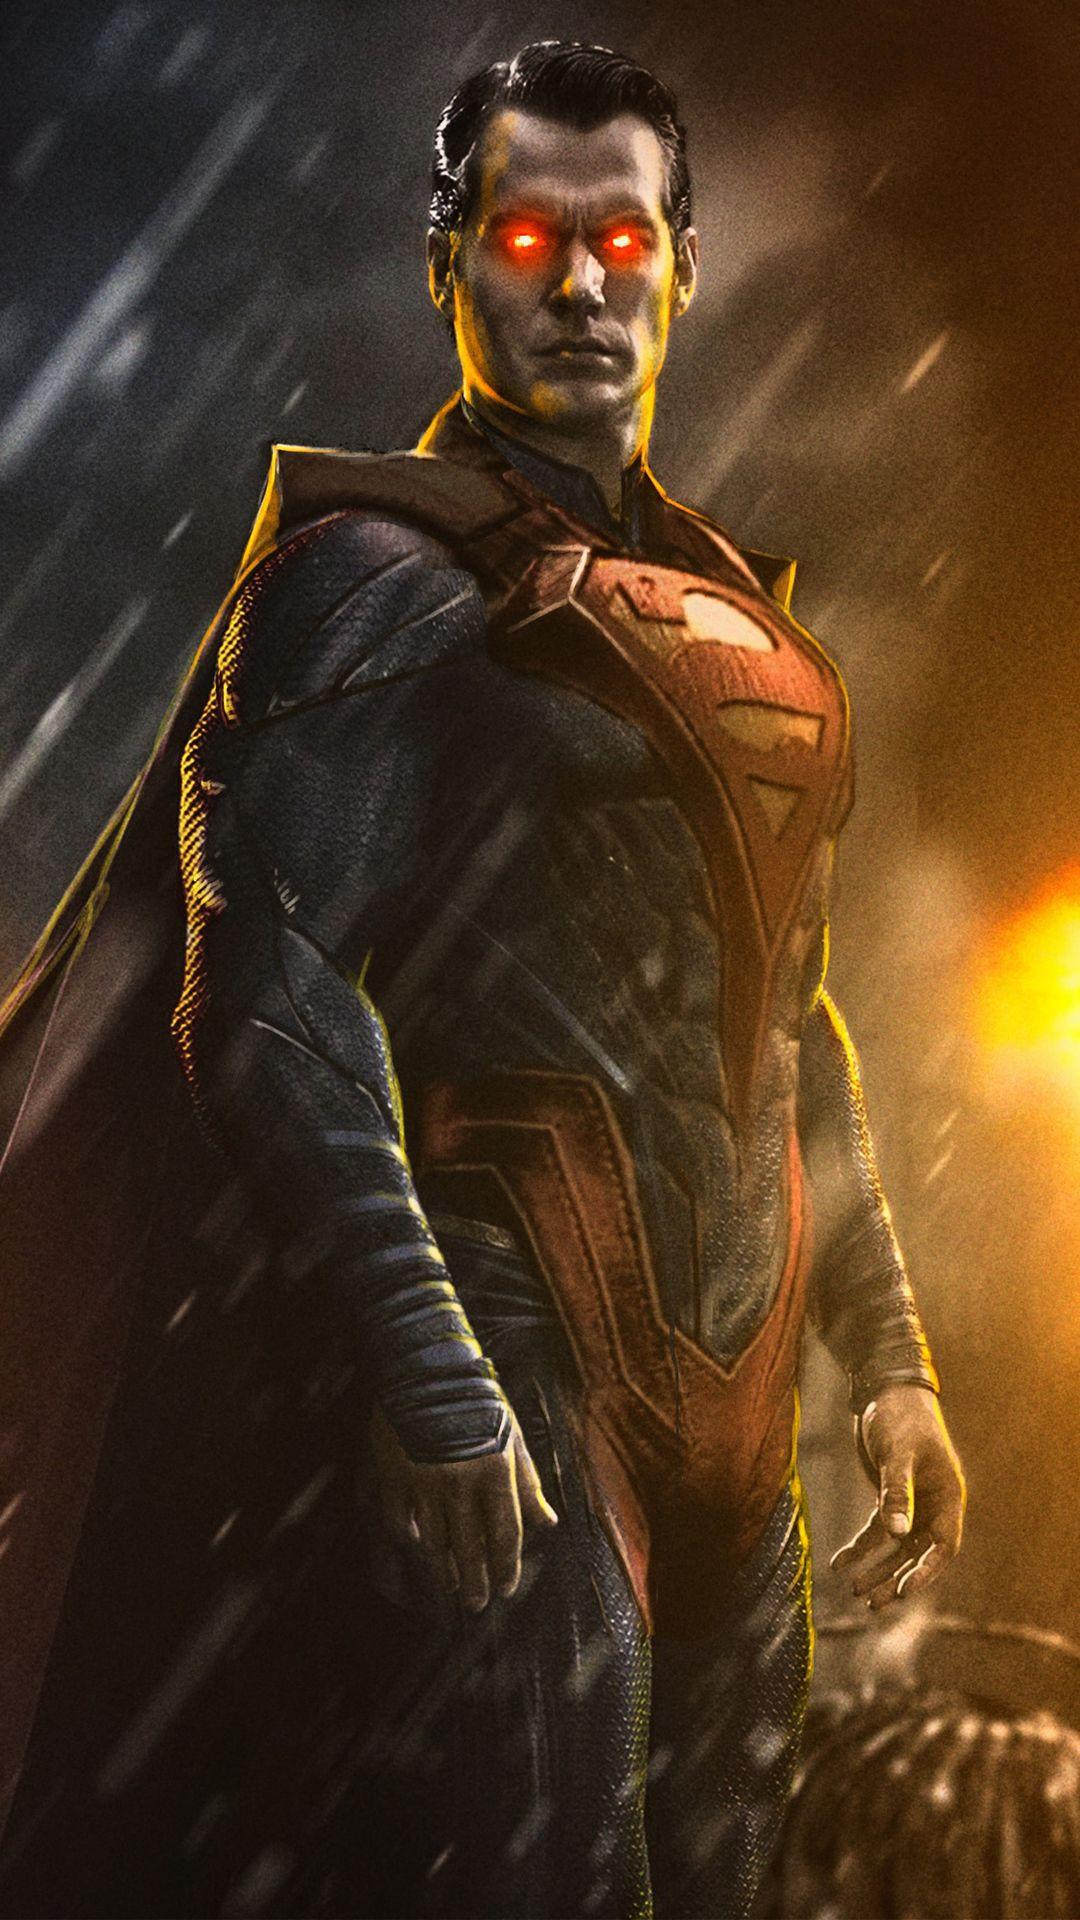 Superman Injustice Wallpapers | hdqwalls.com